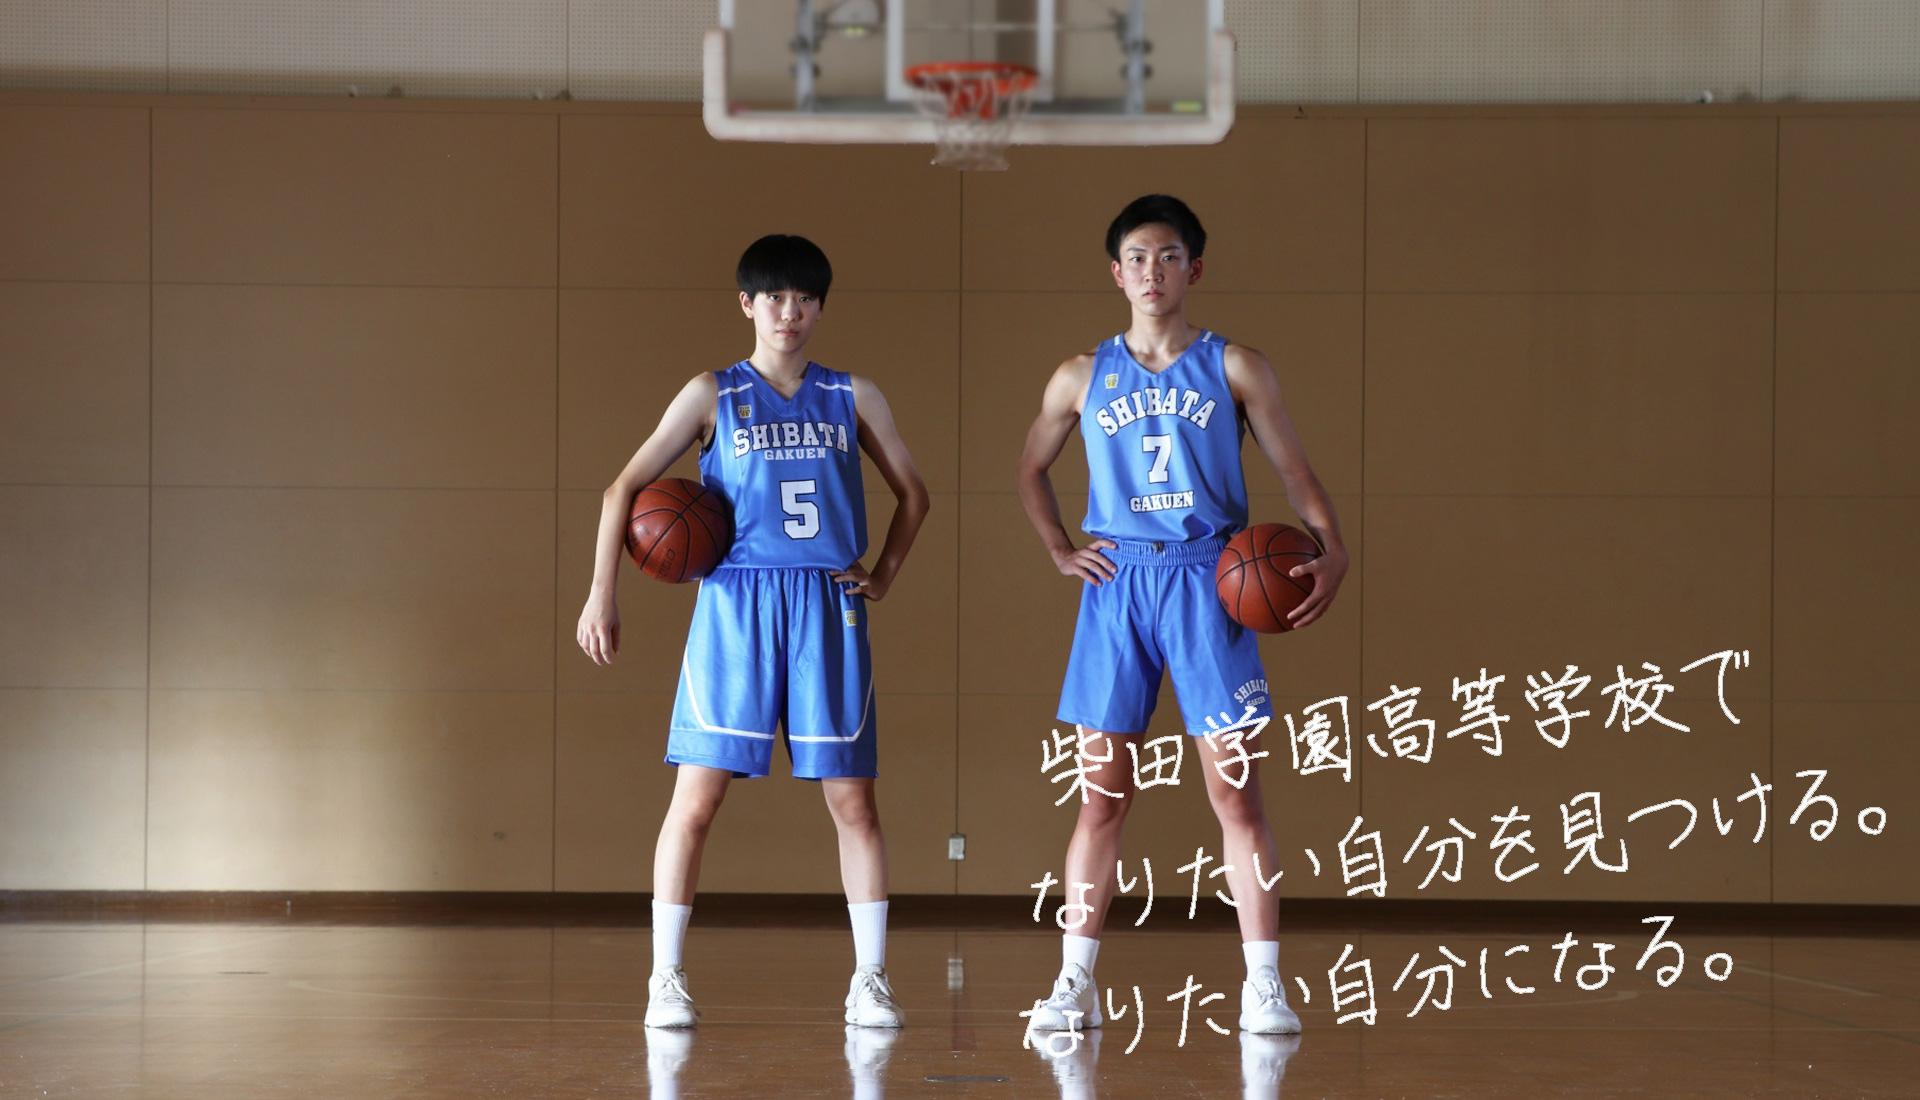 柴田学園高等学校